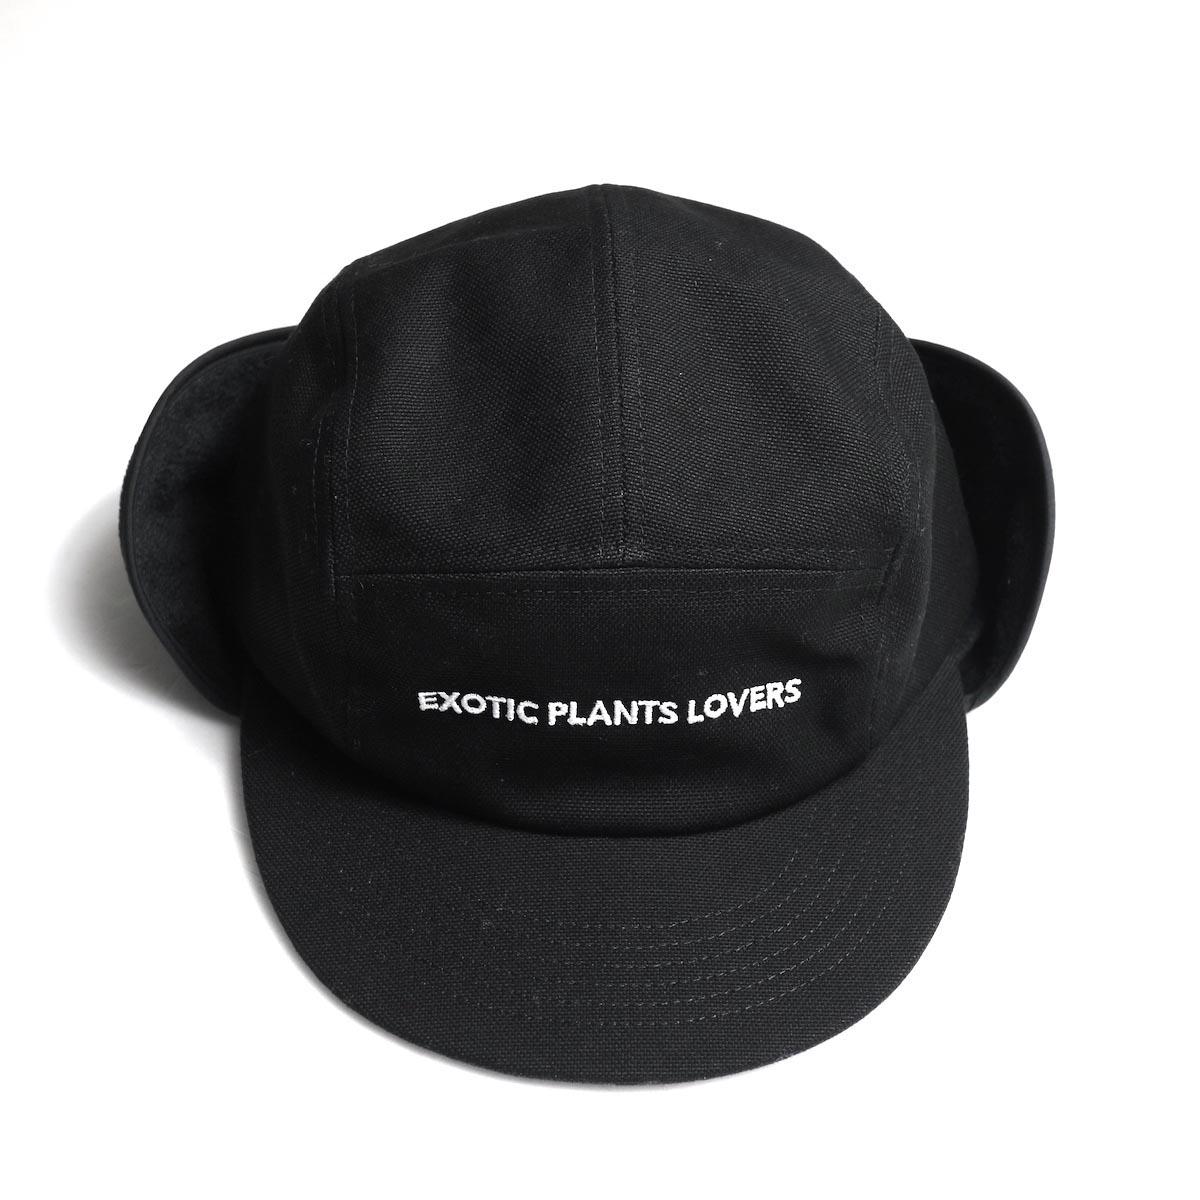 BOTANIZE / 【EXOTIC PLANTS LOVERS】 EAR FLAP CAP 正面